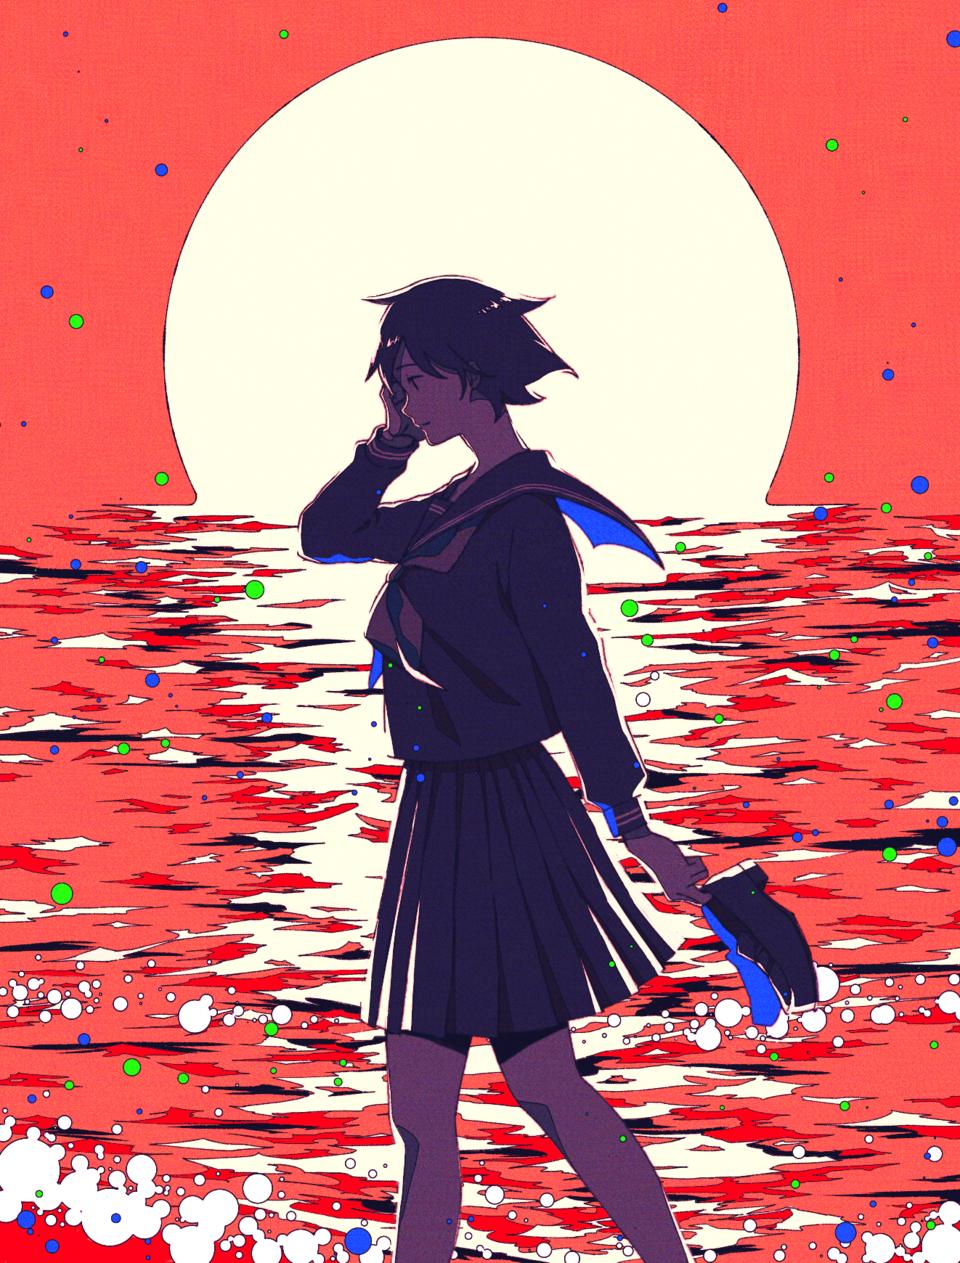 僕の恋は、夕日と共に溶けてしまいそうだった。 Illust of KaiRa April.2020Contest:Color